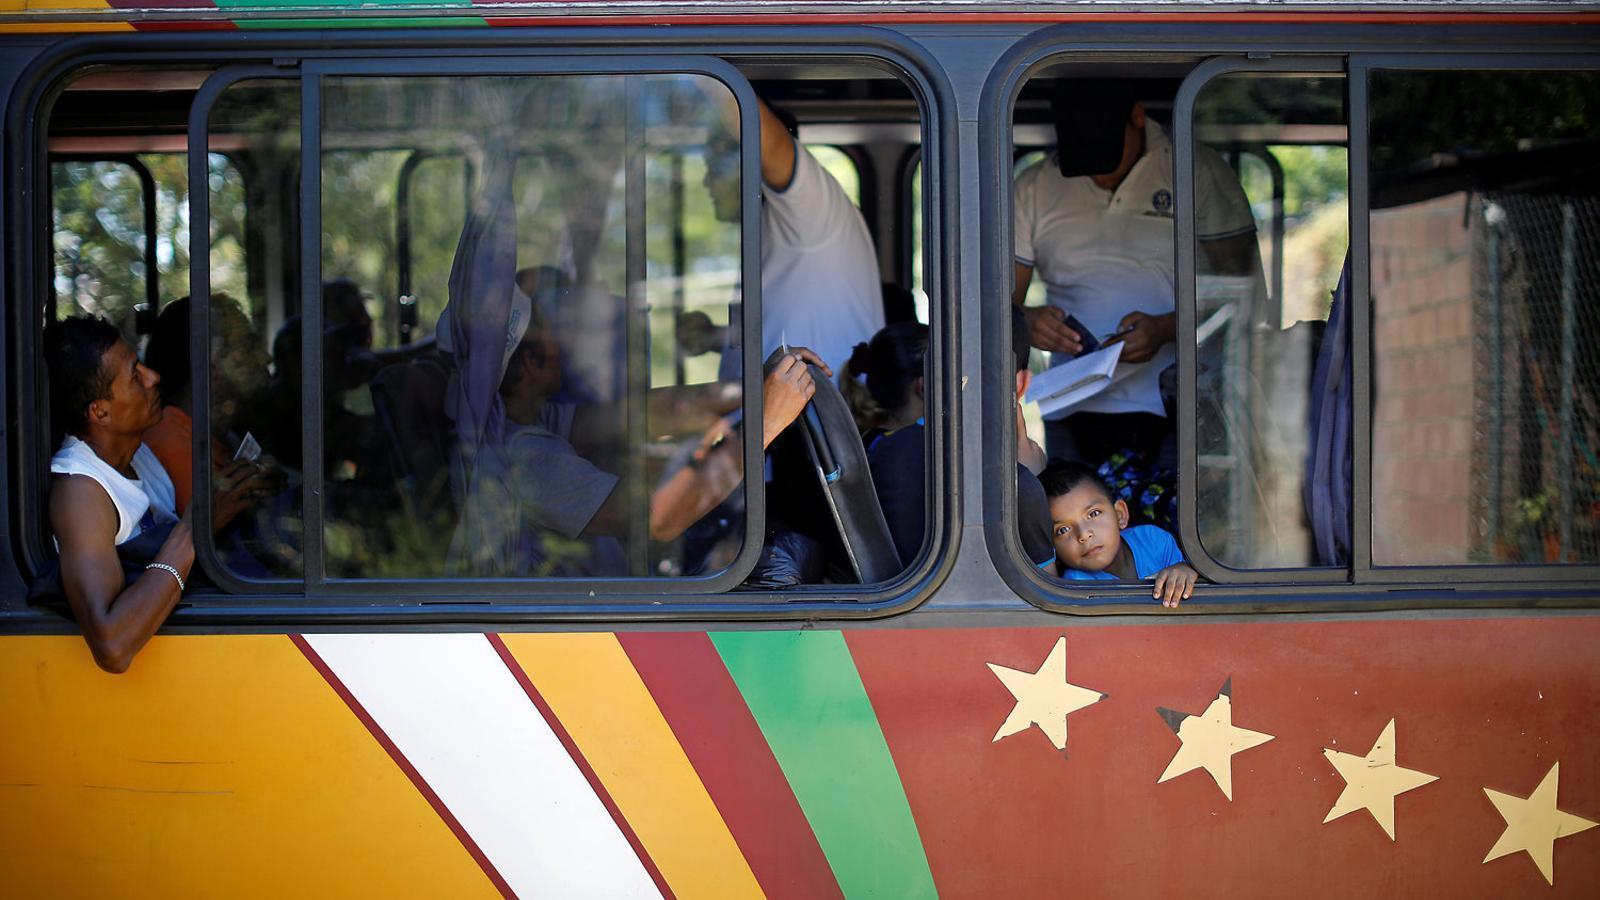 Agents d'immigració del Salvador revisen la documentació d'immigrants en direcció als EUA en una de les caravanes encara en ruta.